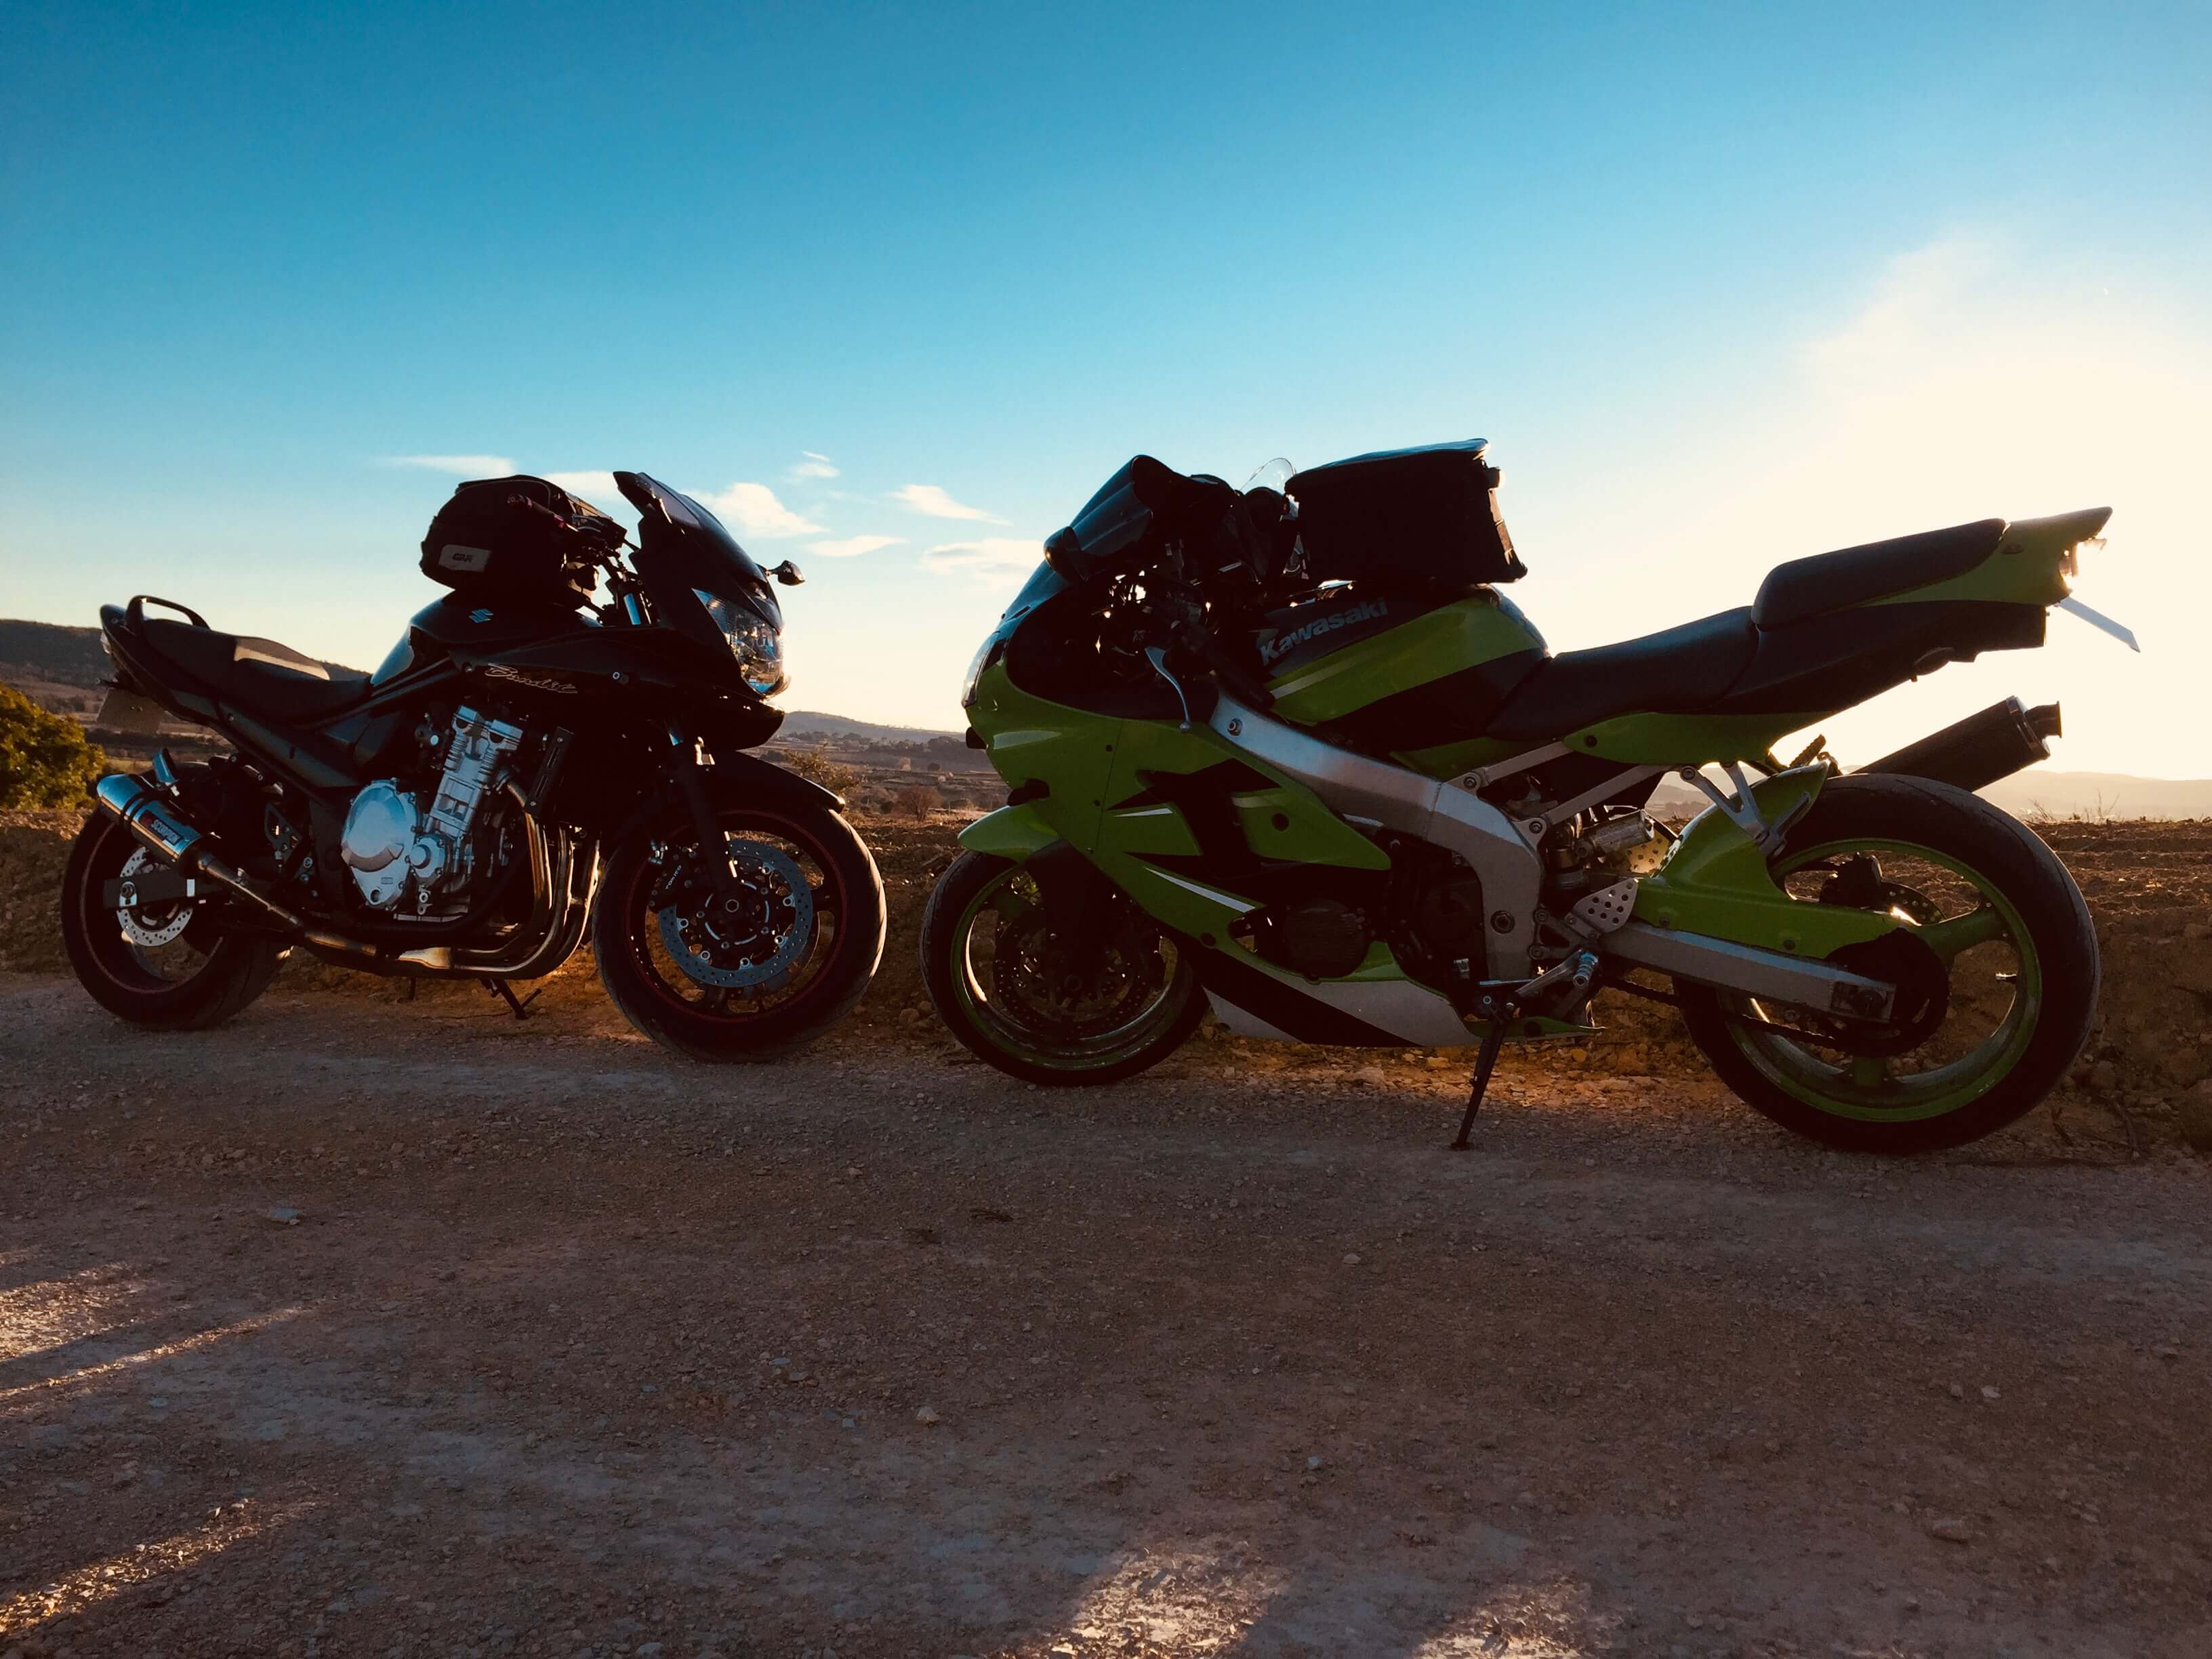 2 motos équipées de sacs de réservoir stationnées devant le coucher de soleil